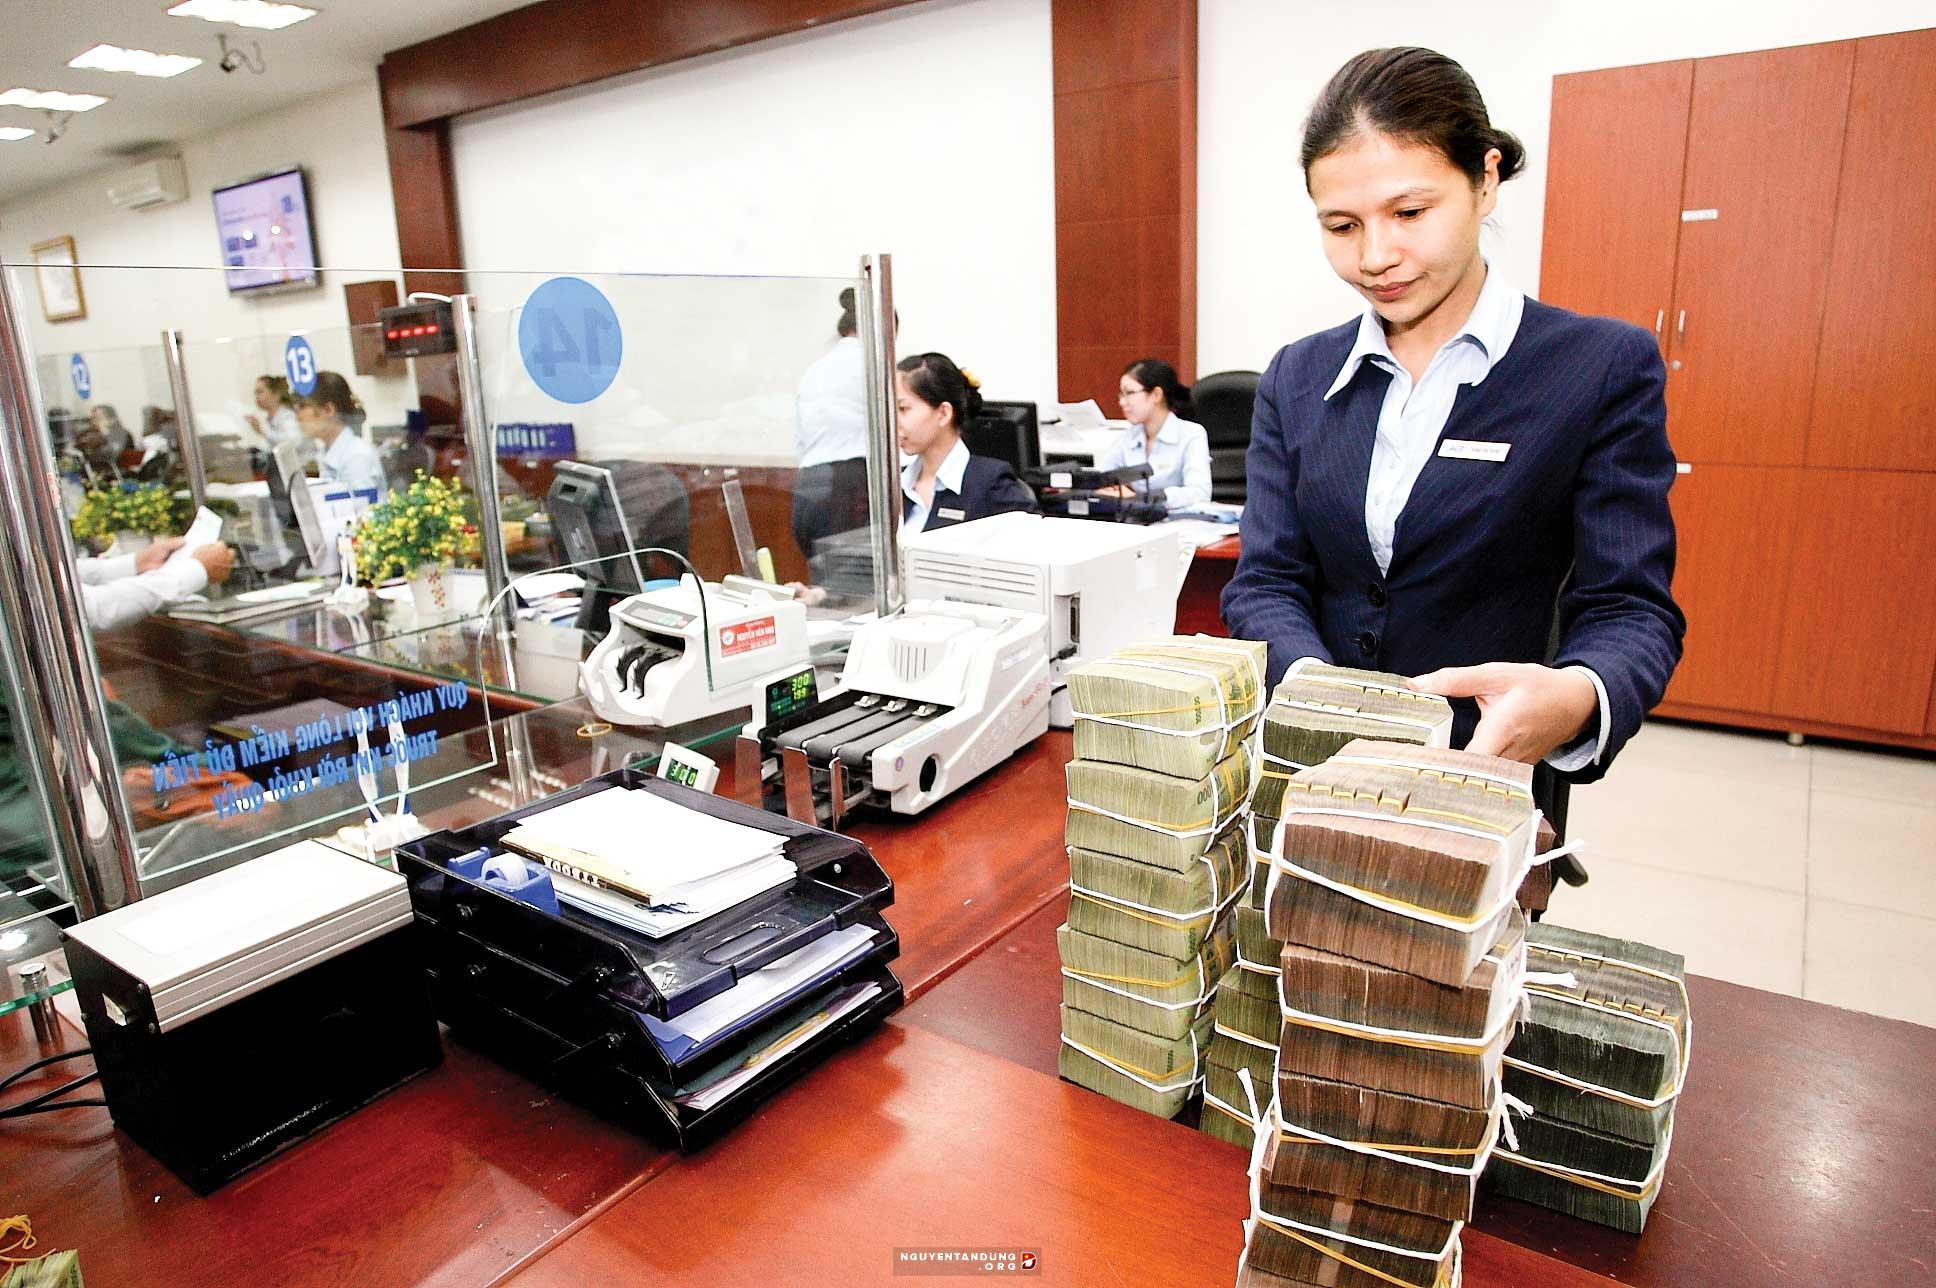 ngân hàng điện tử CF-eBank, ngân hàng, tổ chức ngân hàng, cổng giao tiếp thông tin ngân hàng CITAD, phần mềm ngân hàng CF-eBank, dịch vụ chuyển tiền CITAD